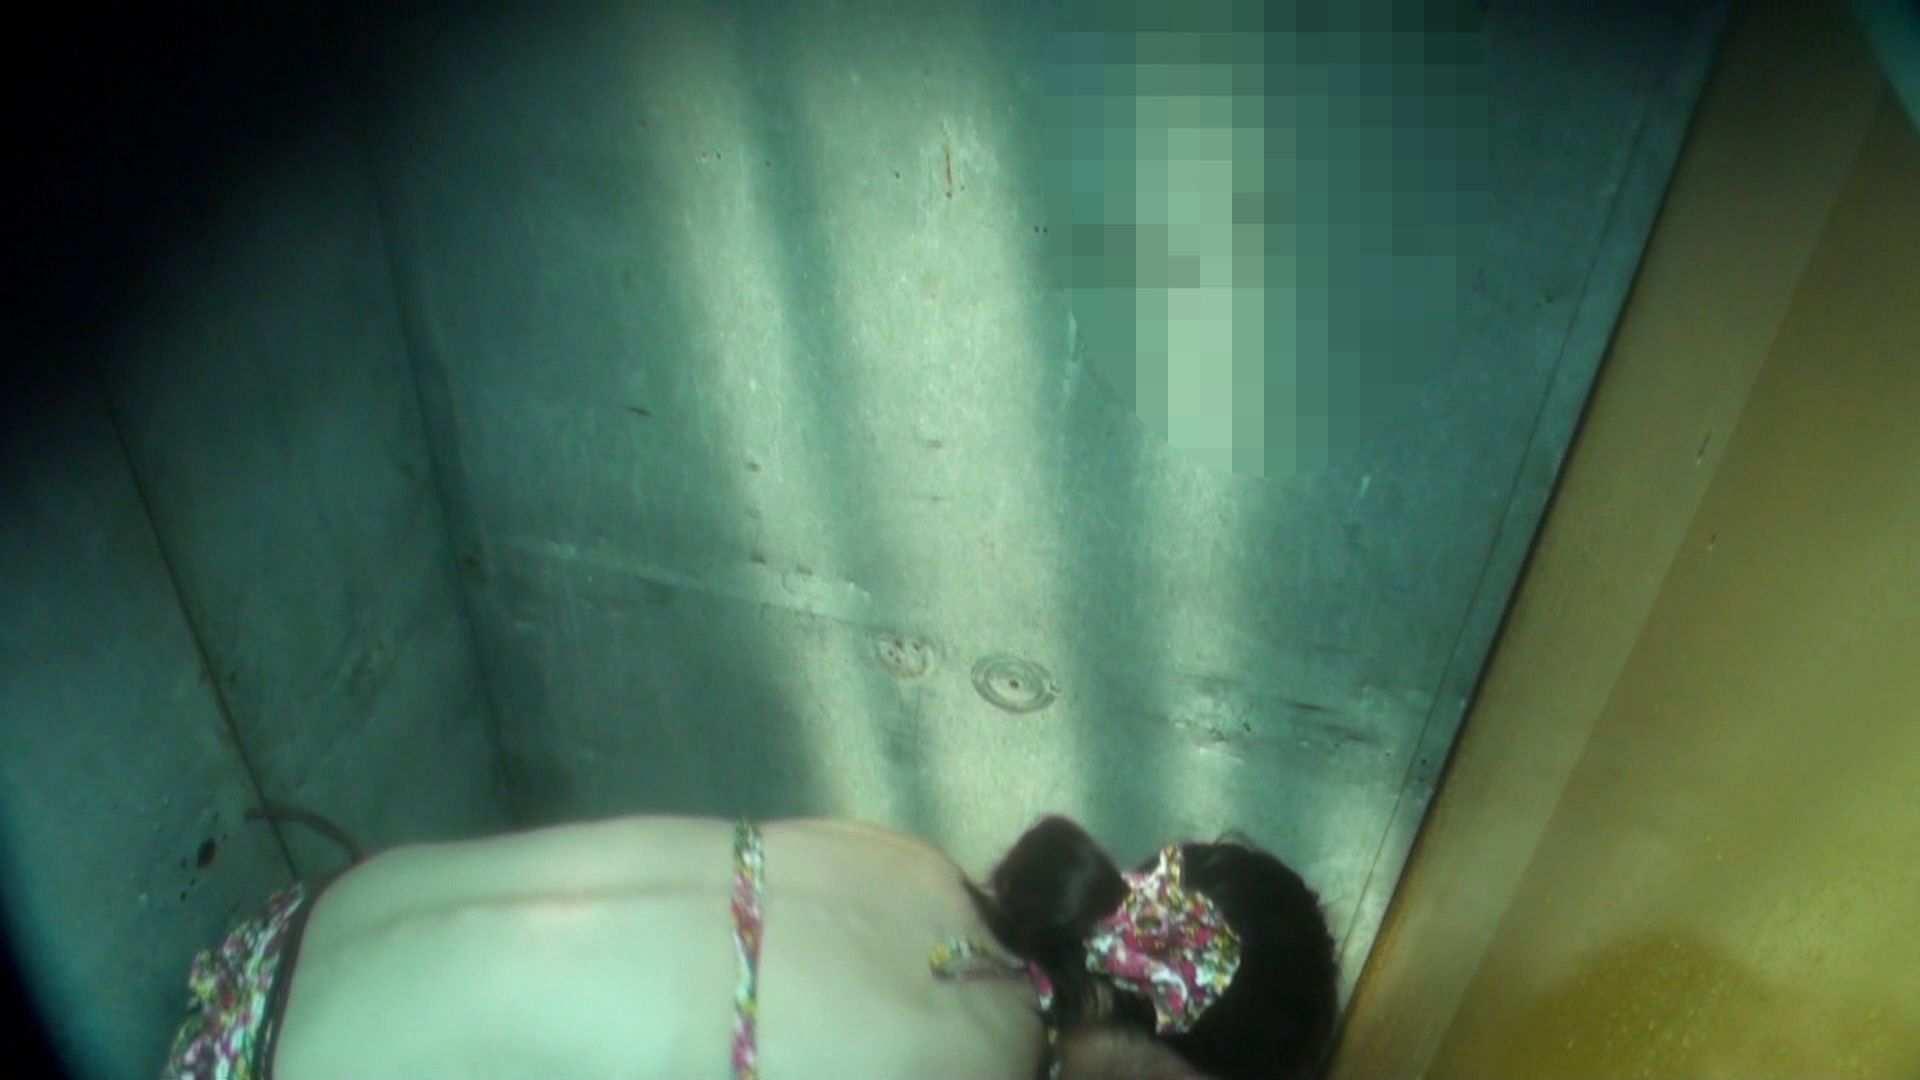 シャワールームは超!!危険な香りVol.16 意外に乳首は年増のそれ 0 | 0  97pic 7